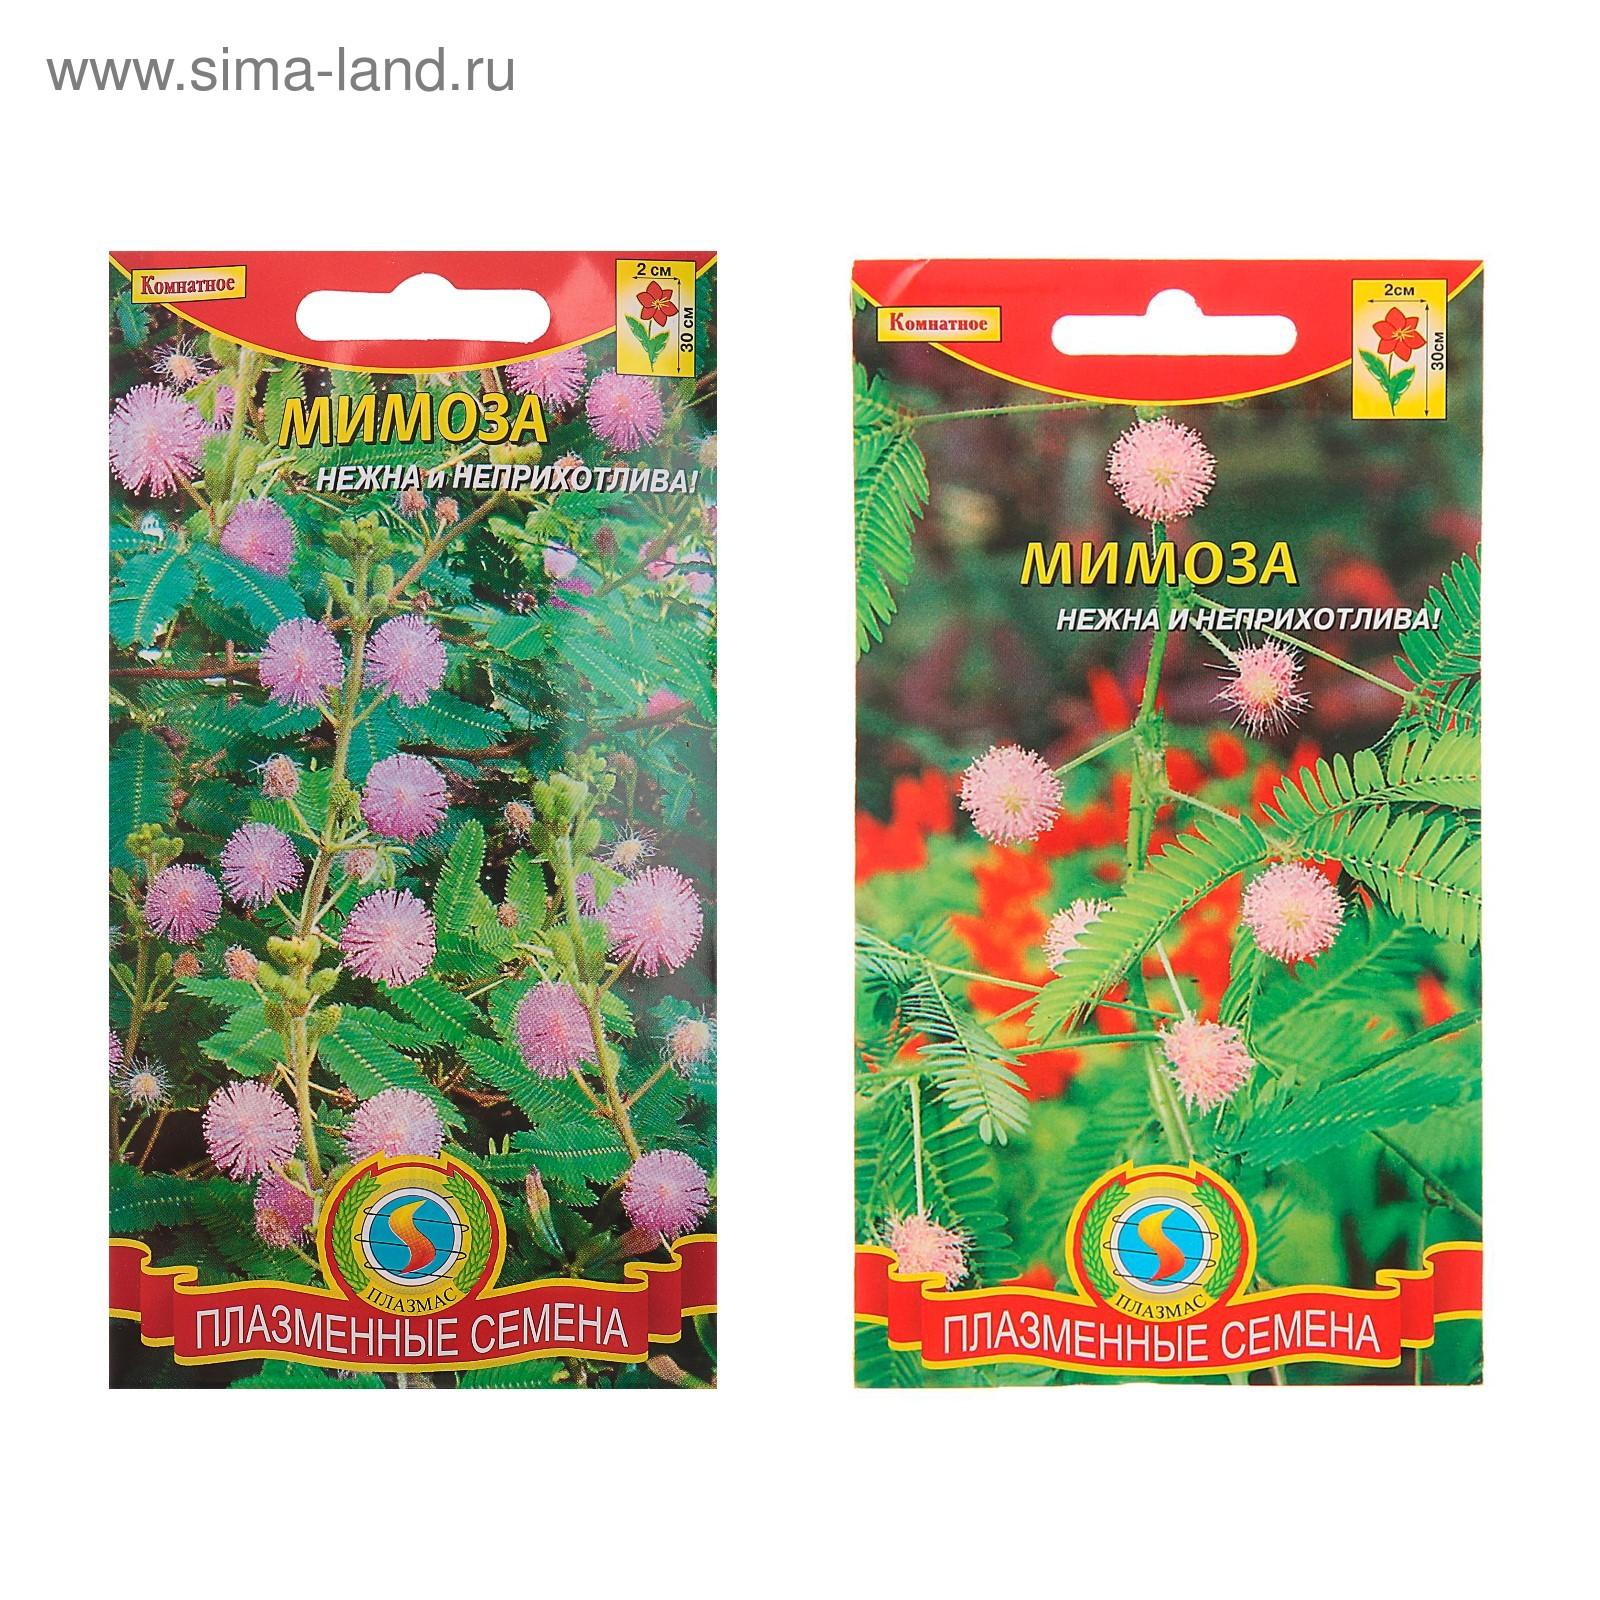 Семена комнатных и экзотических растений купить почтой в 73